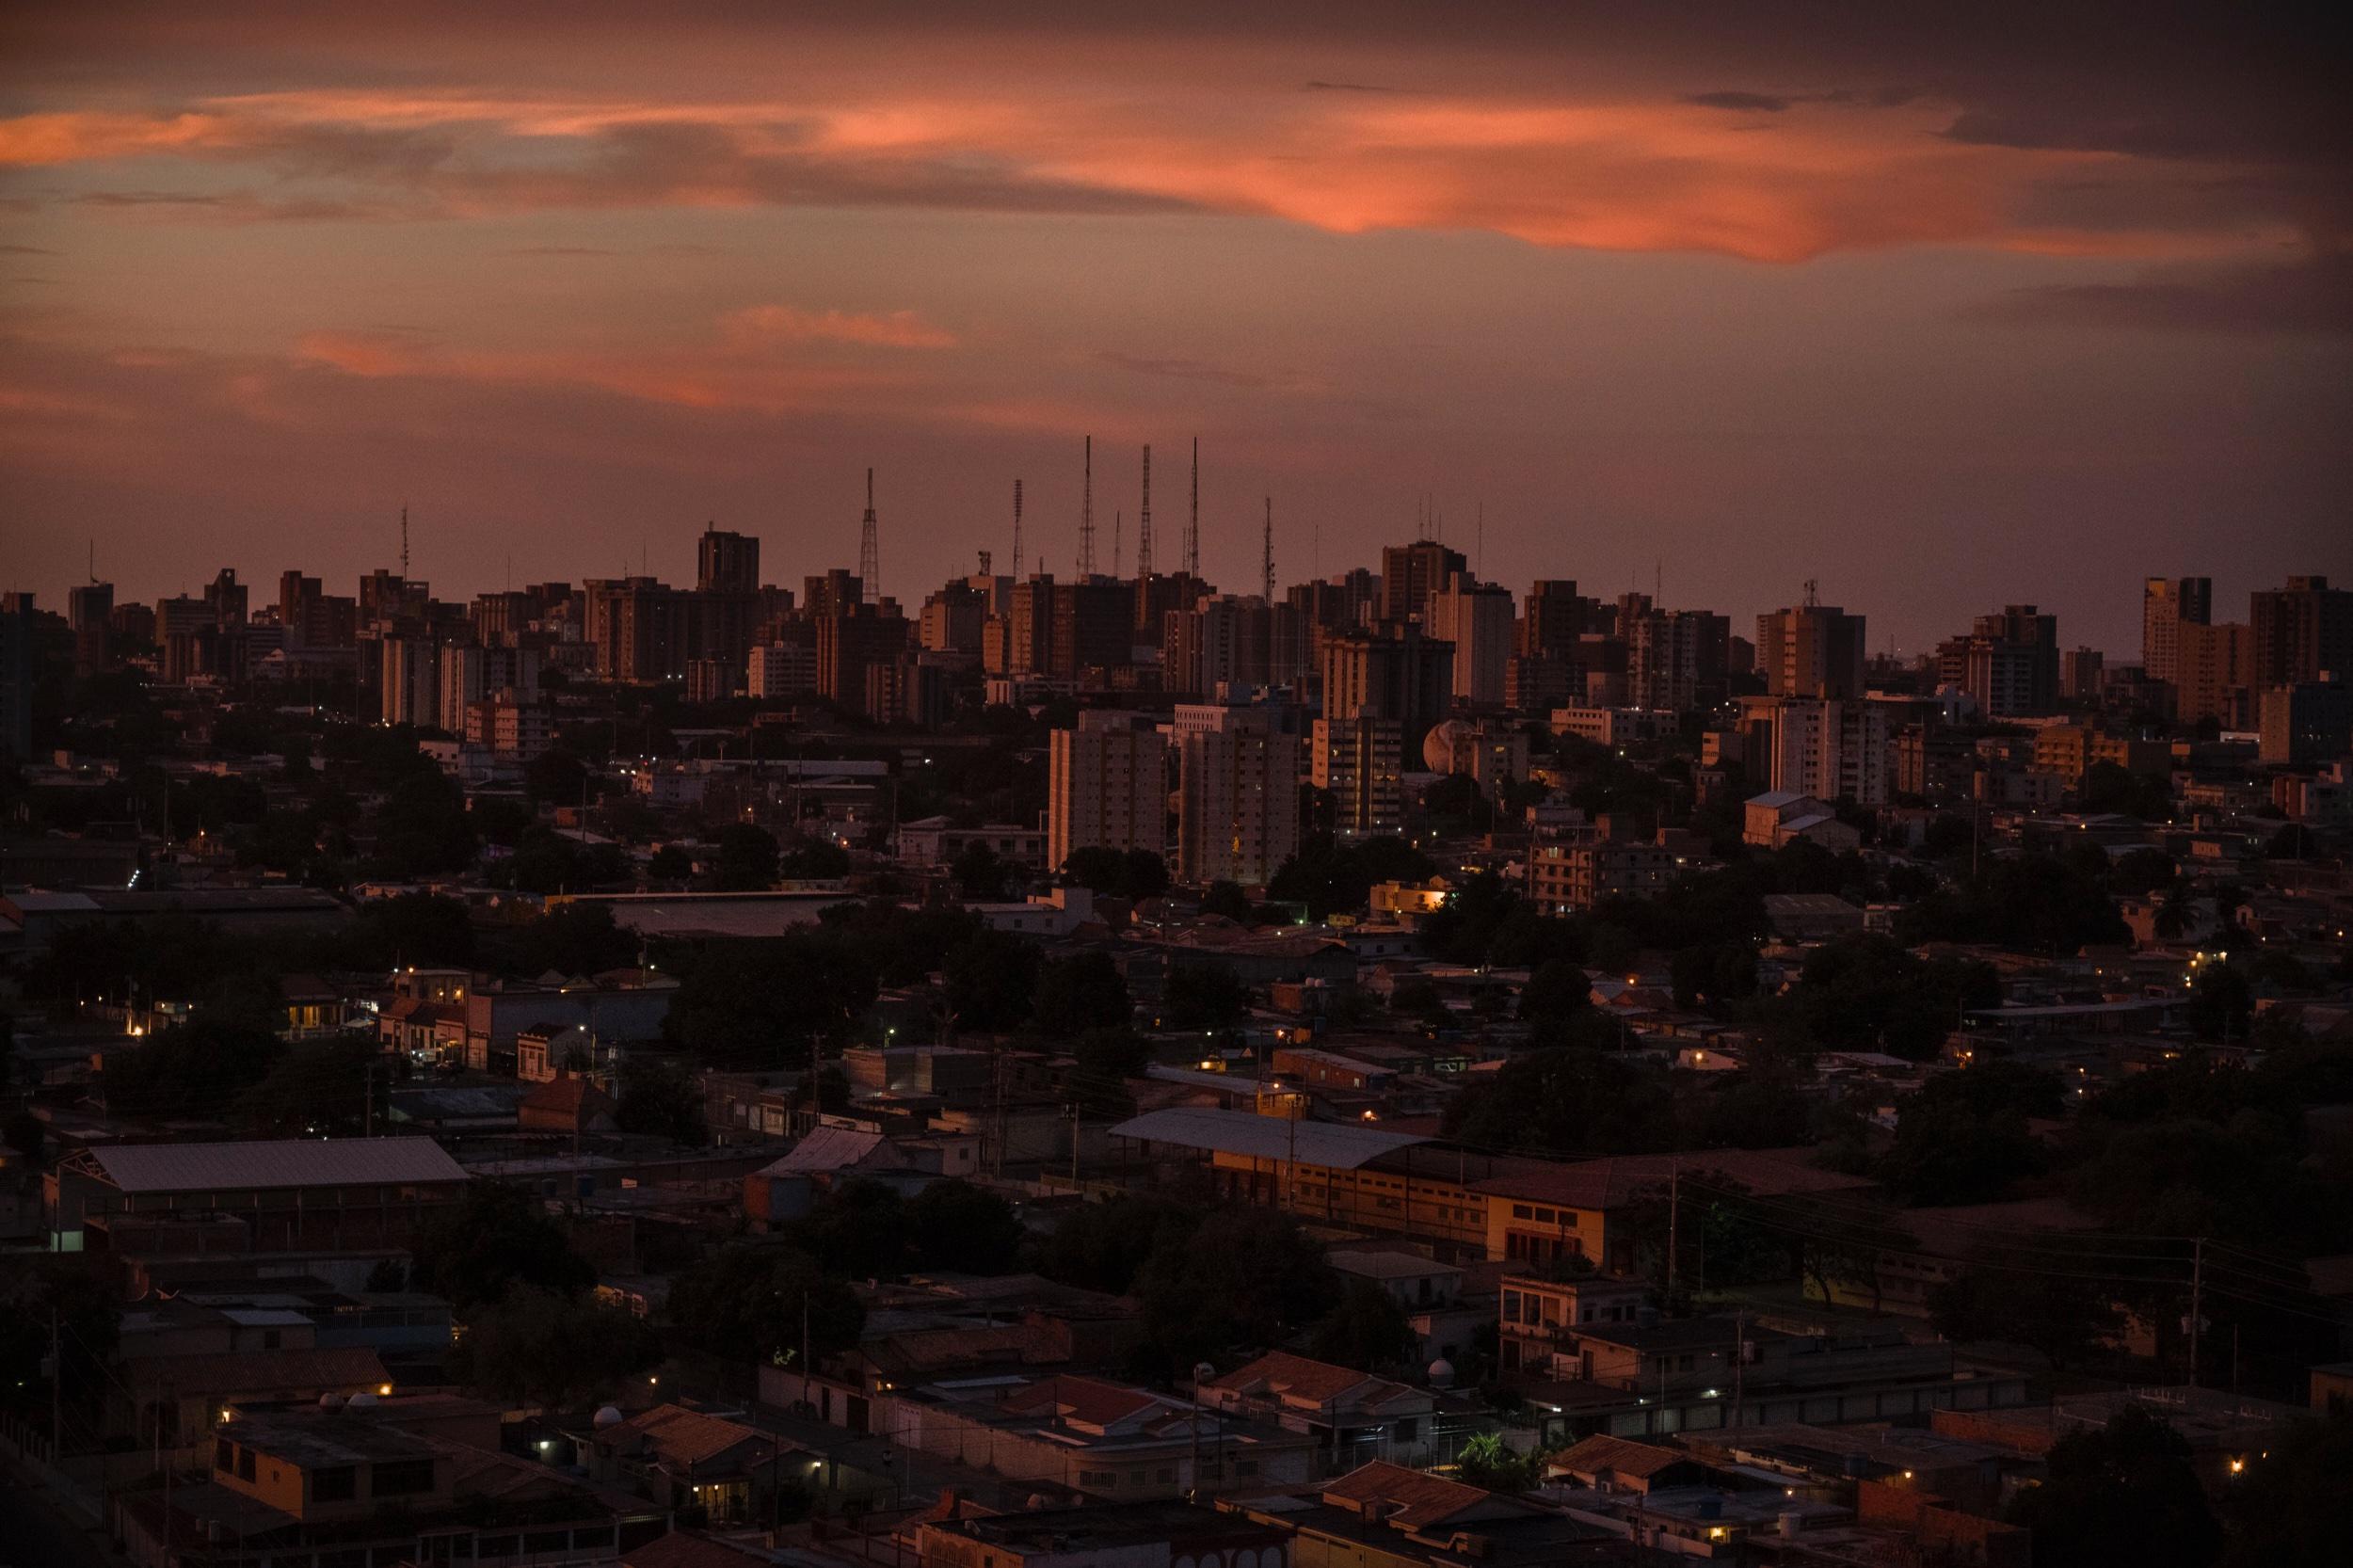 VENEZUELA_Maracaibo_147.jpeg